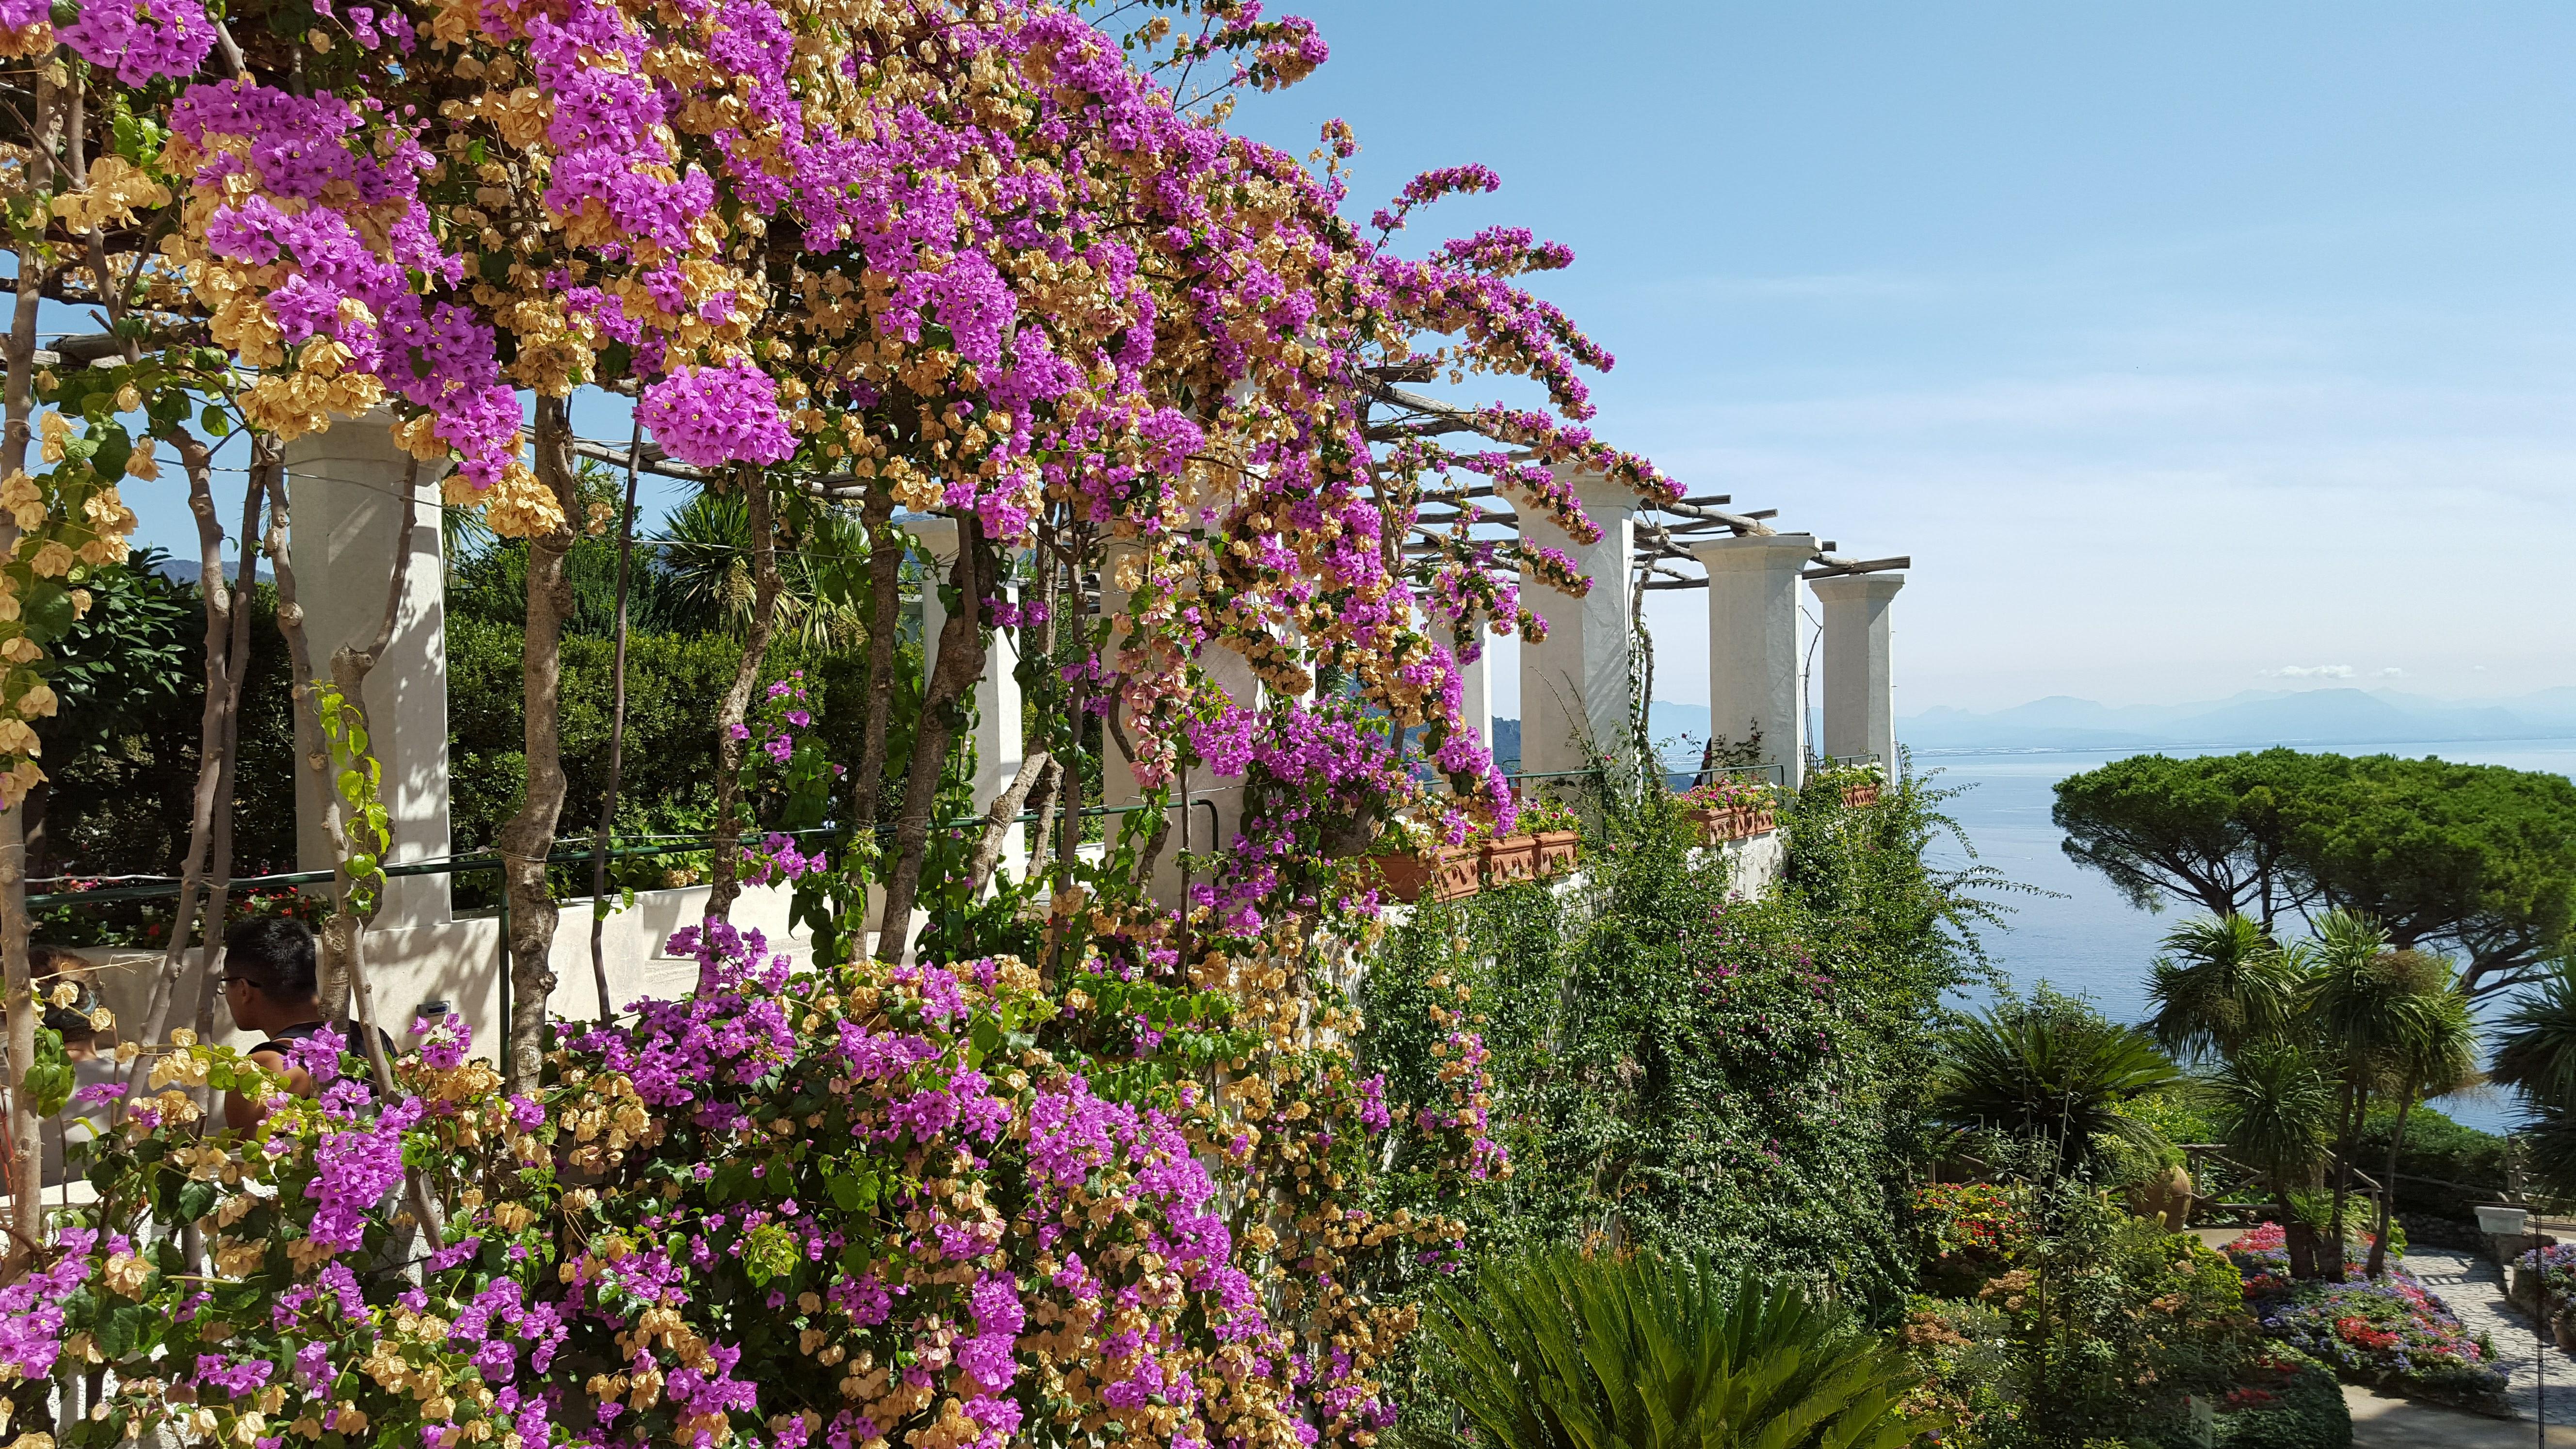 Italy photos by John 405